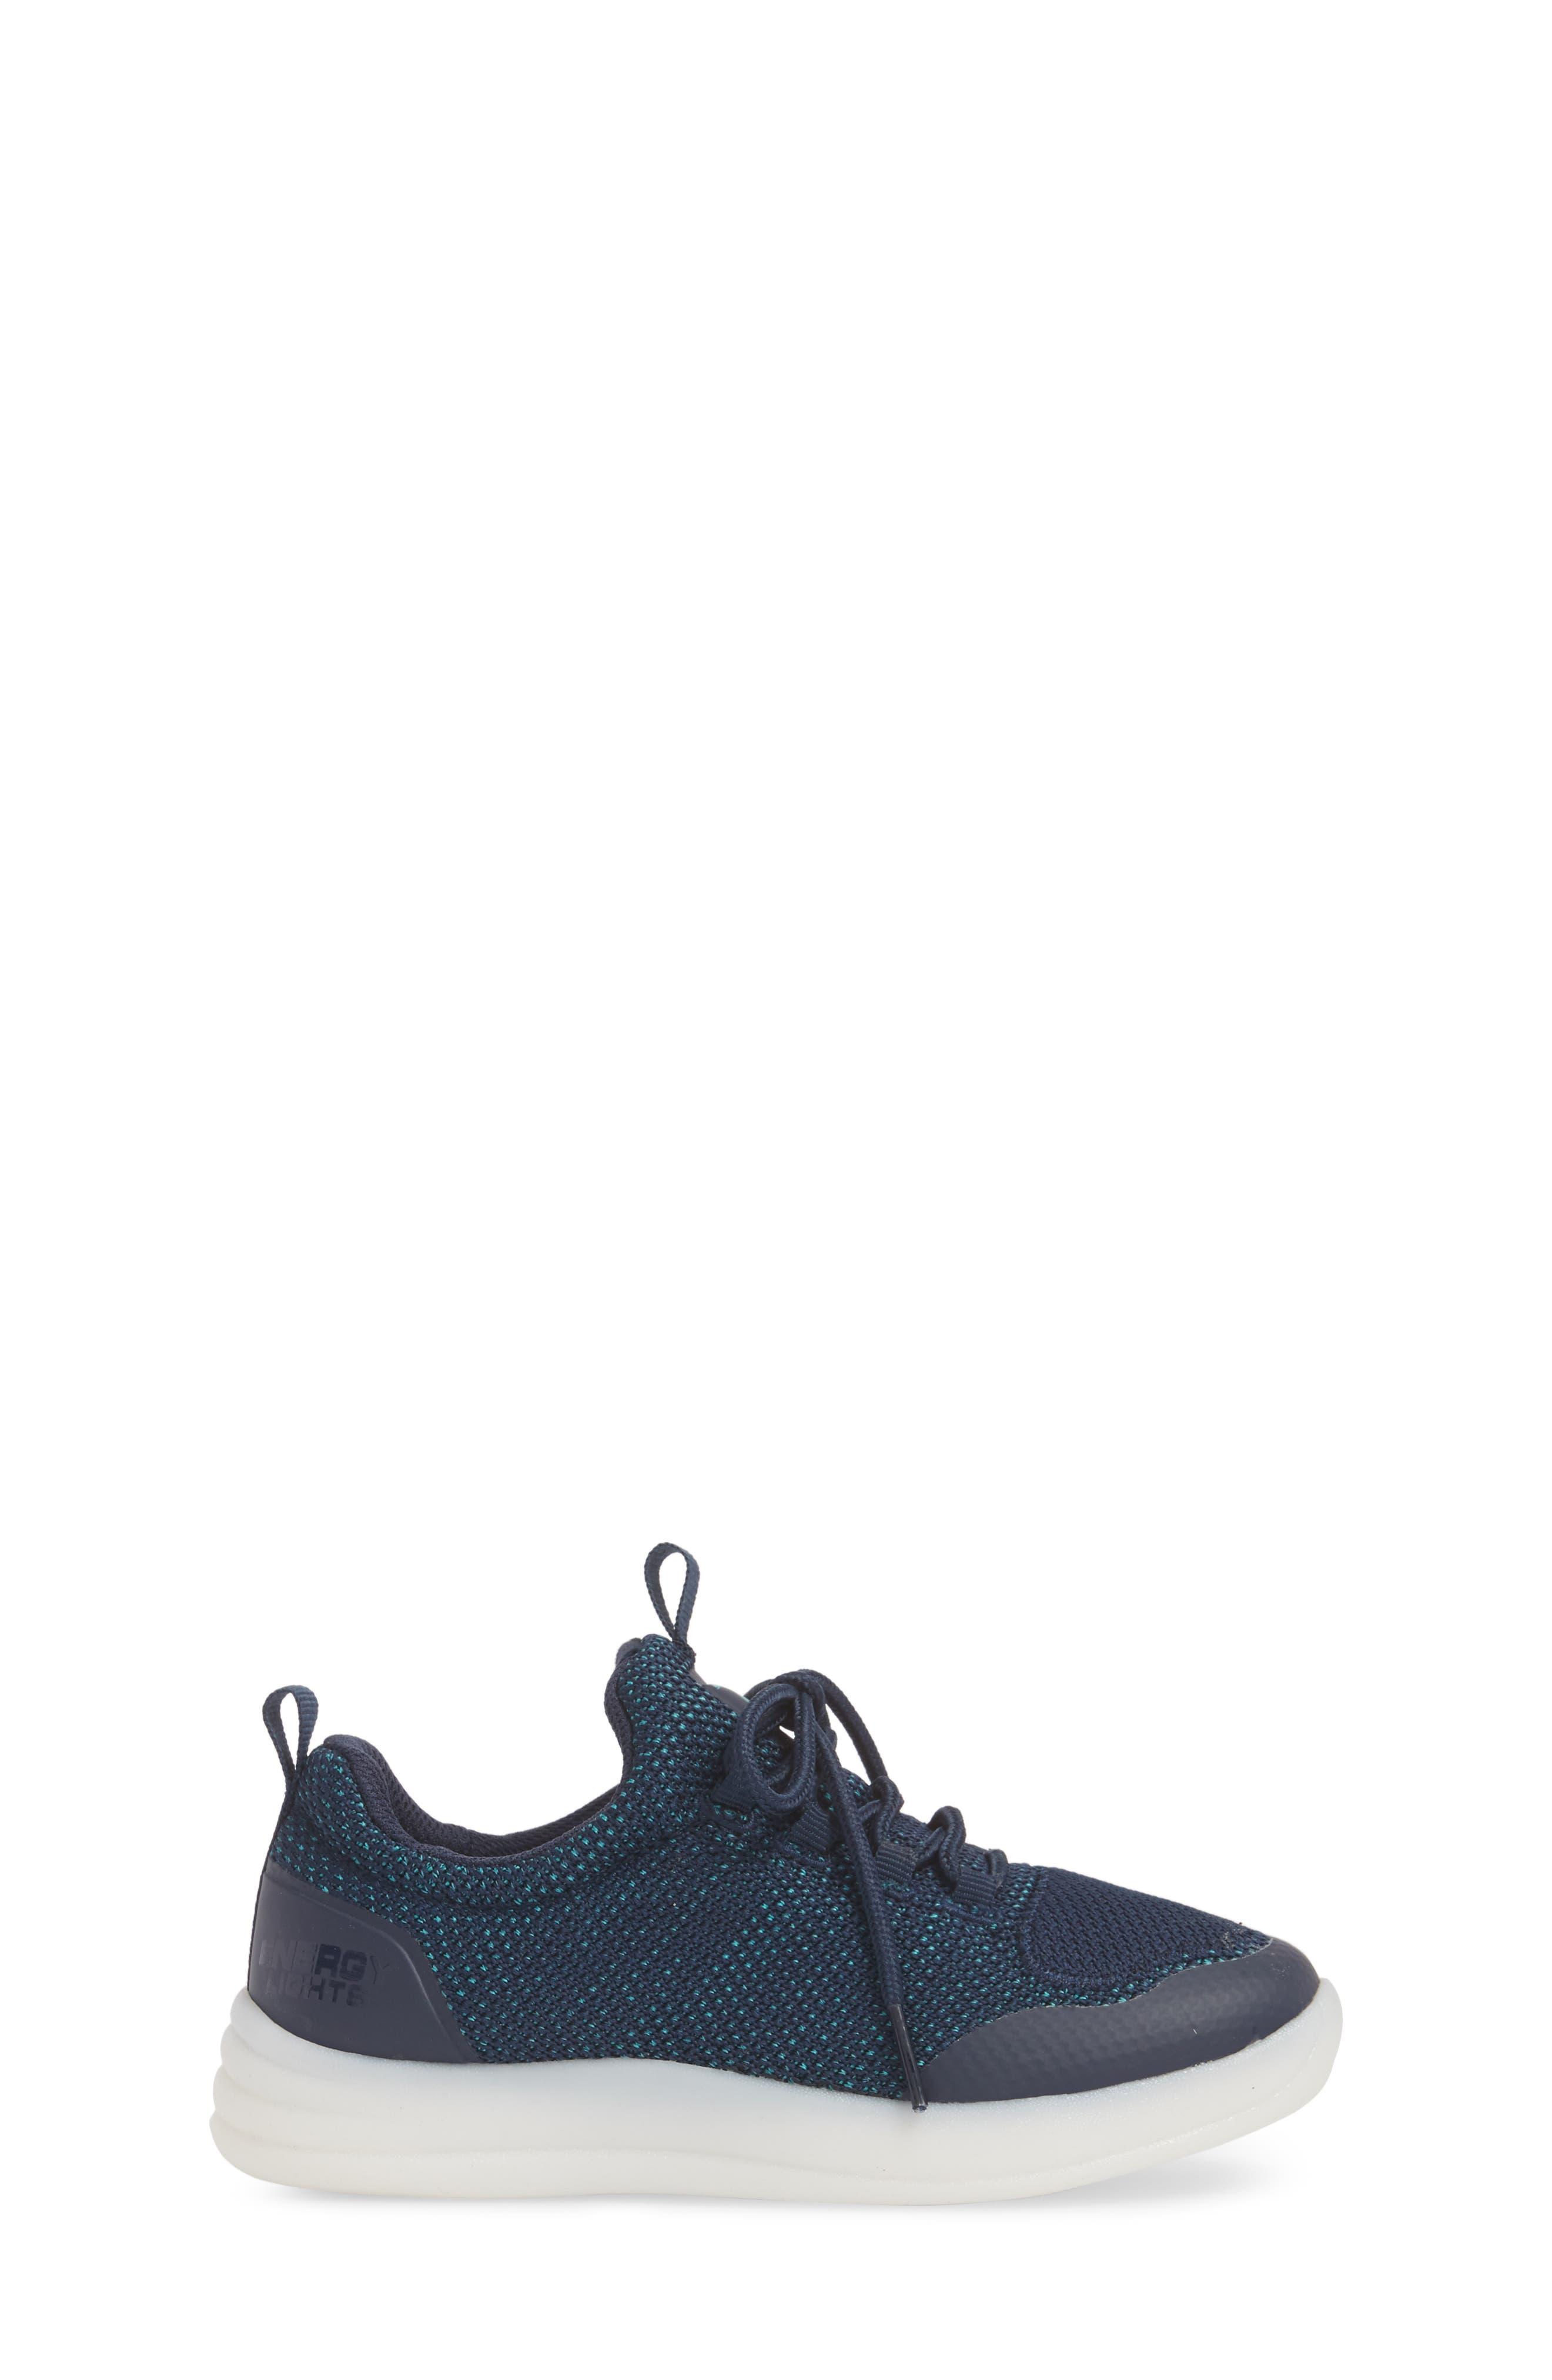 Energy Lights Street Sneaker,                             Alternate thumbnail 4, color,                             Navy